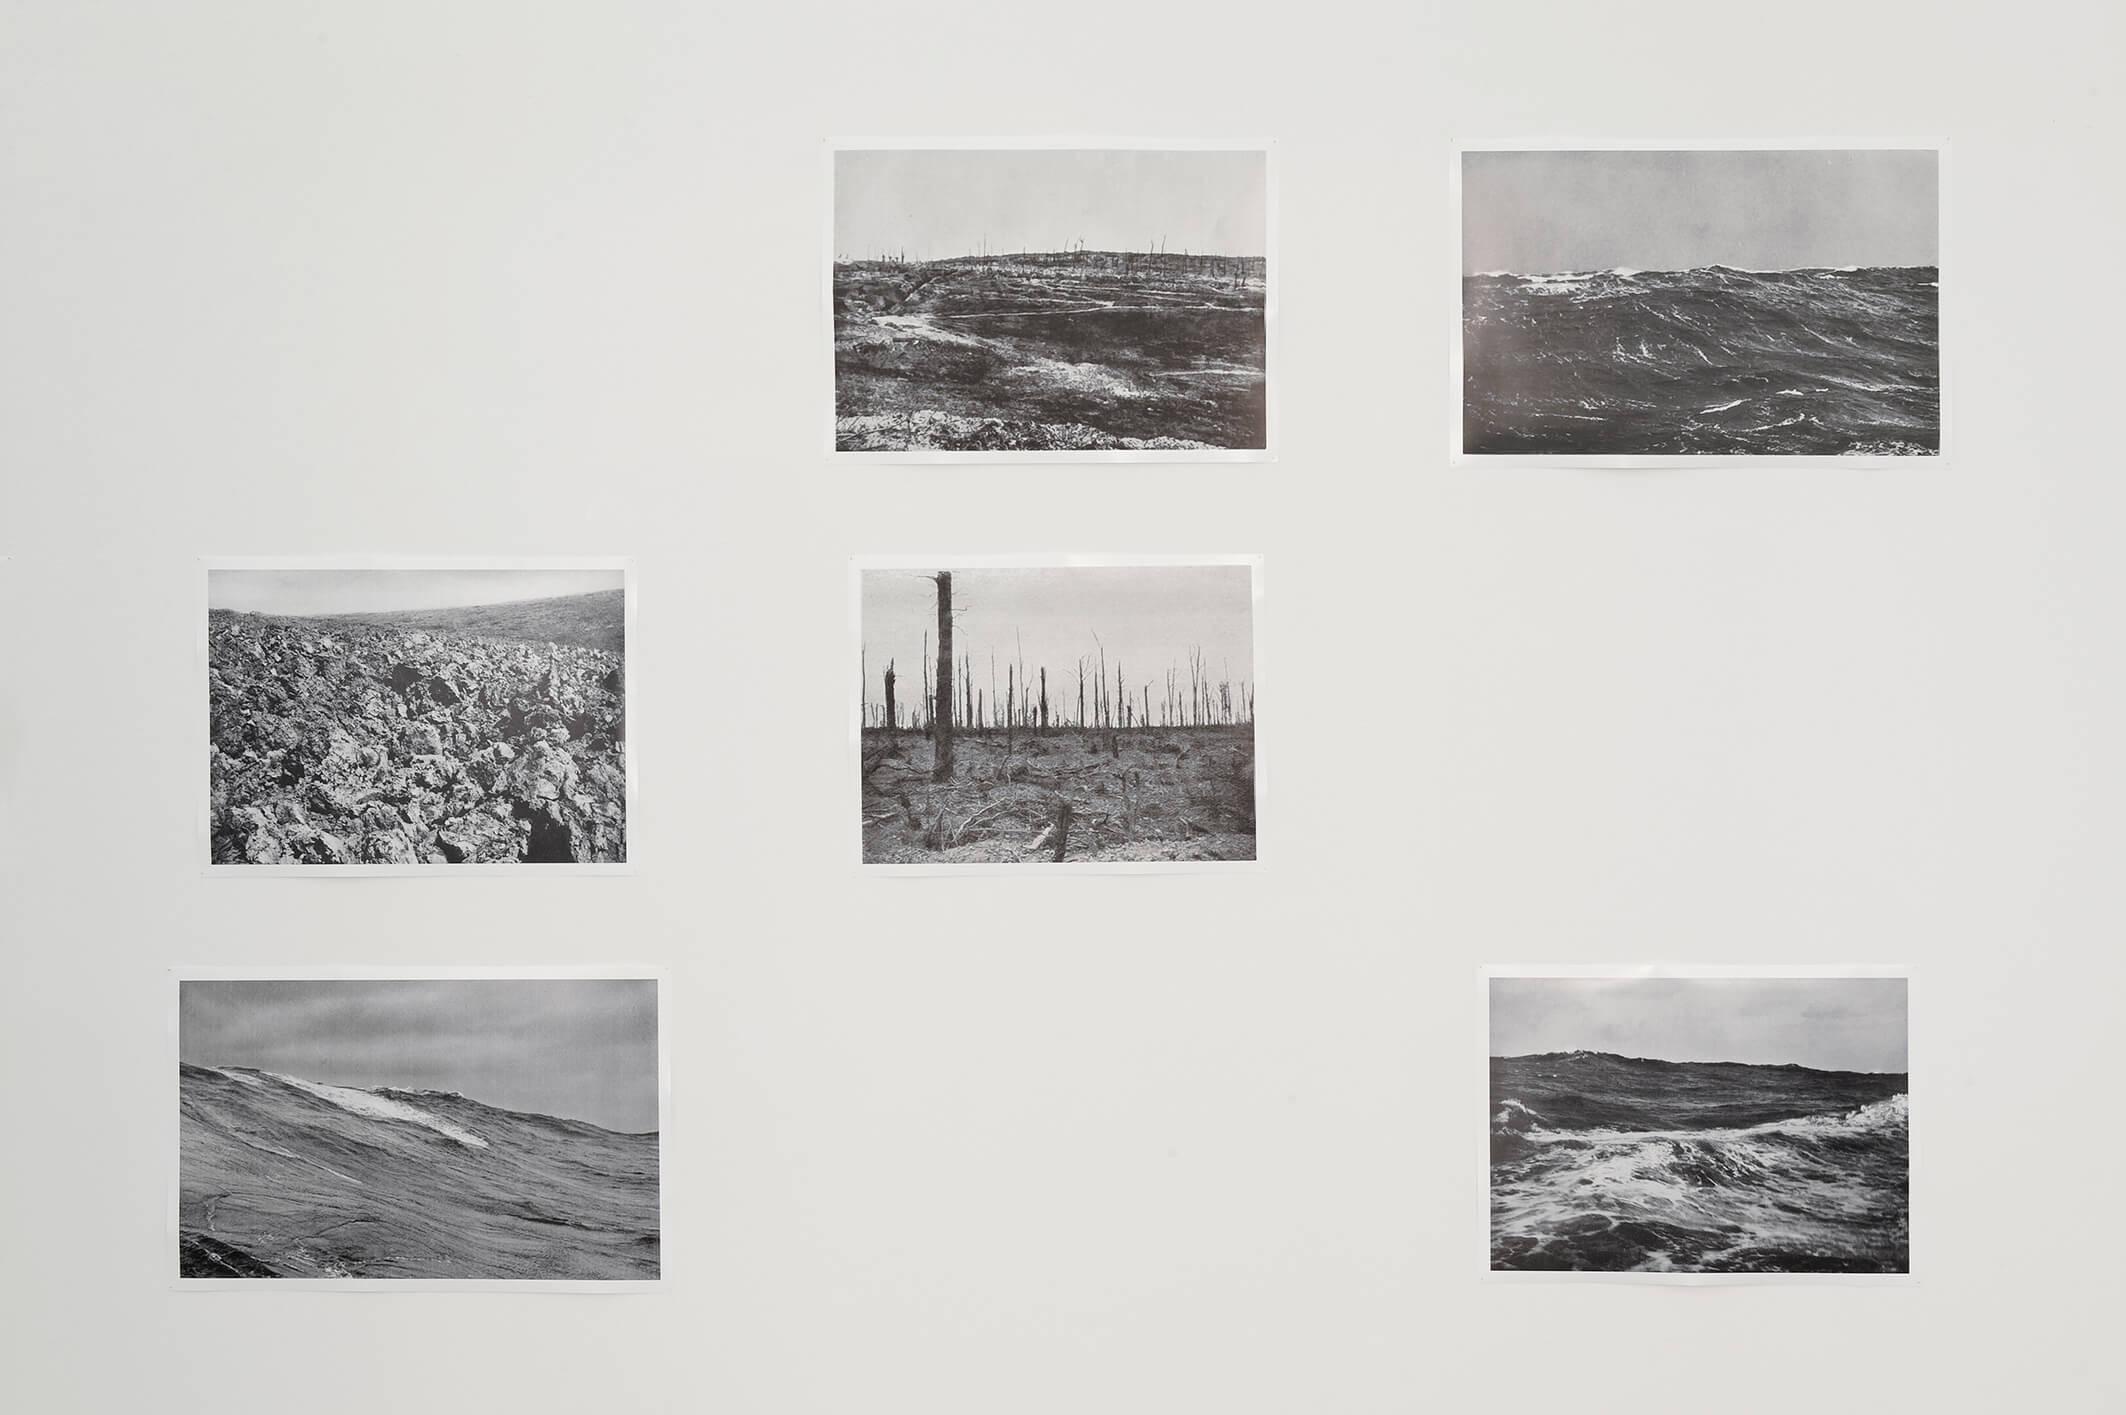 Immer noch Sturm (Still Storming), 2011(Group #5) | Immer Noch Sturm | ProjecteSD